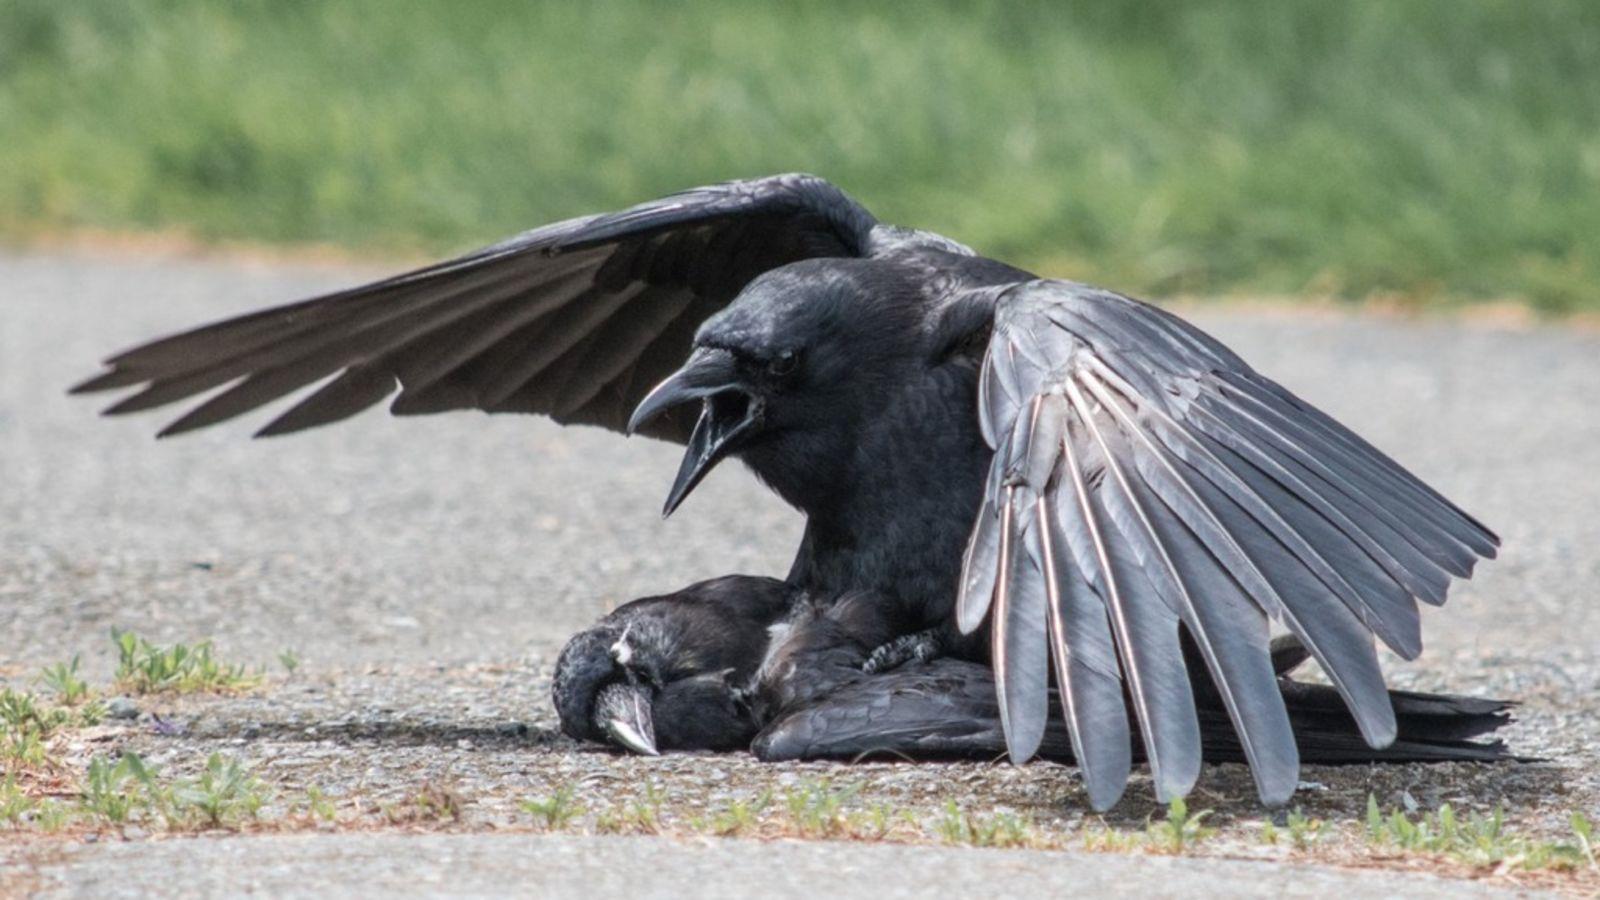 مرگ دستهجمعی کلاغها در قم؛ پرندگانی که از مرگ میترسند